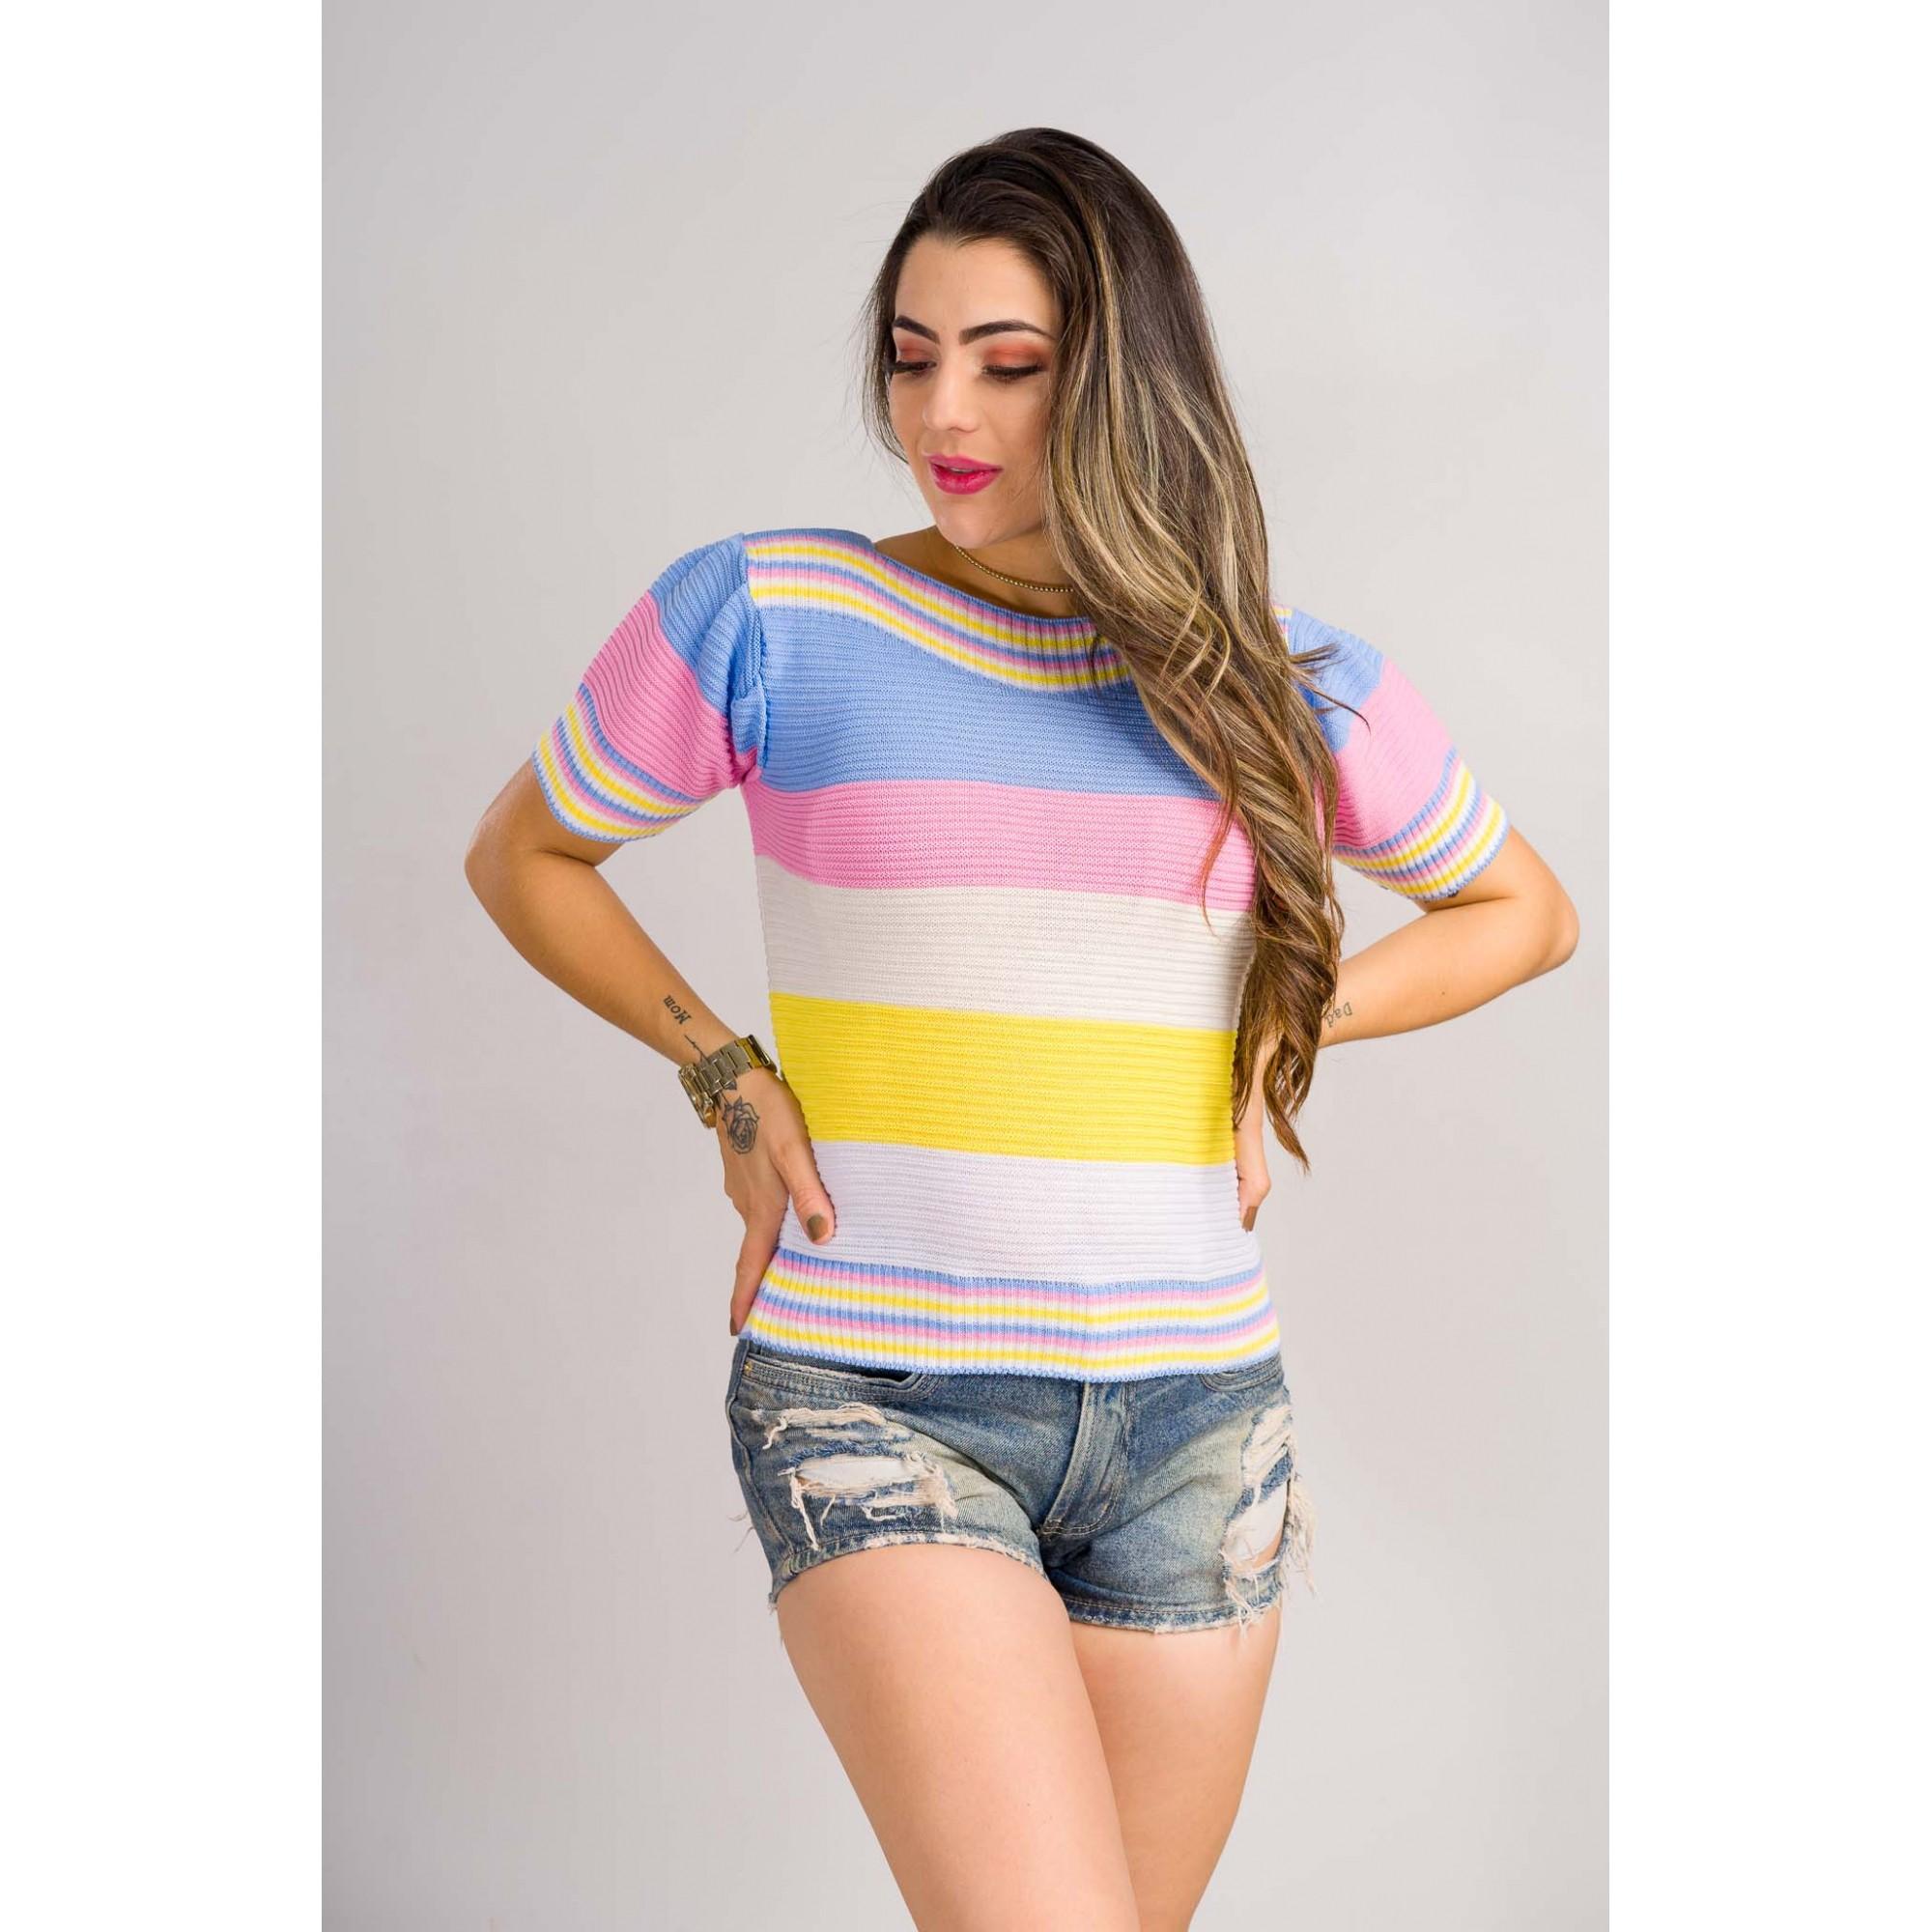 blusinha tricot de verão listrada arcoiris tendencia